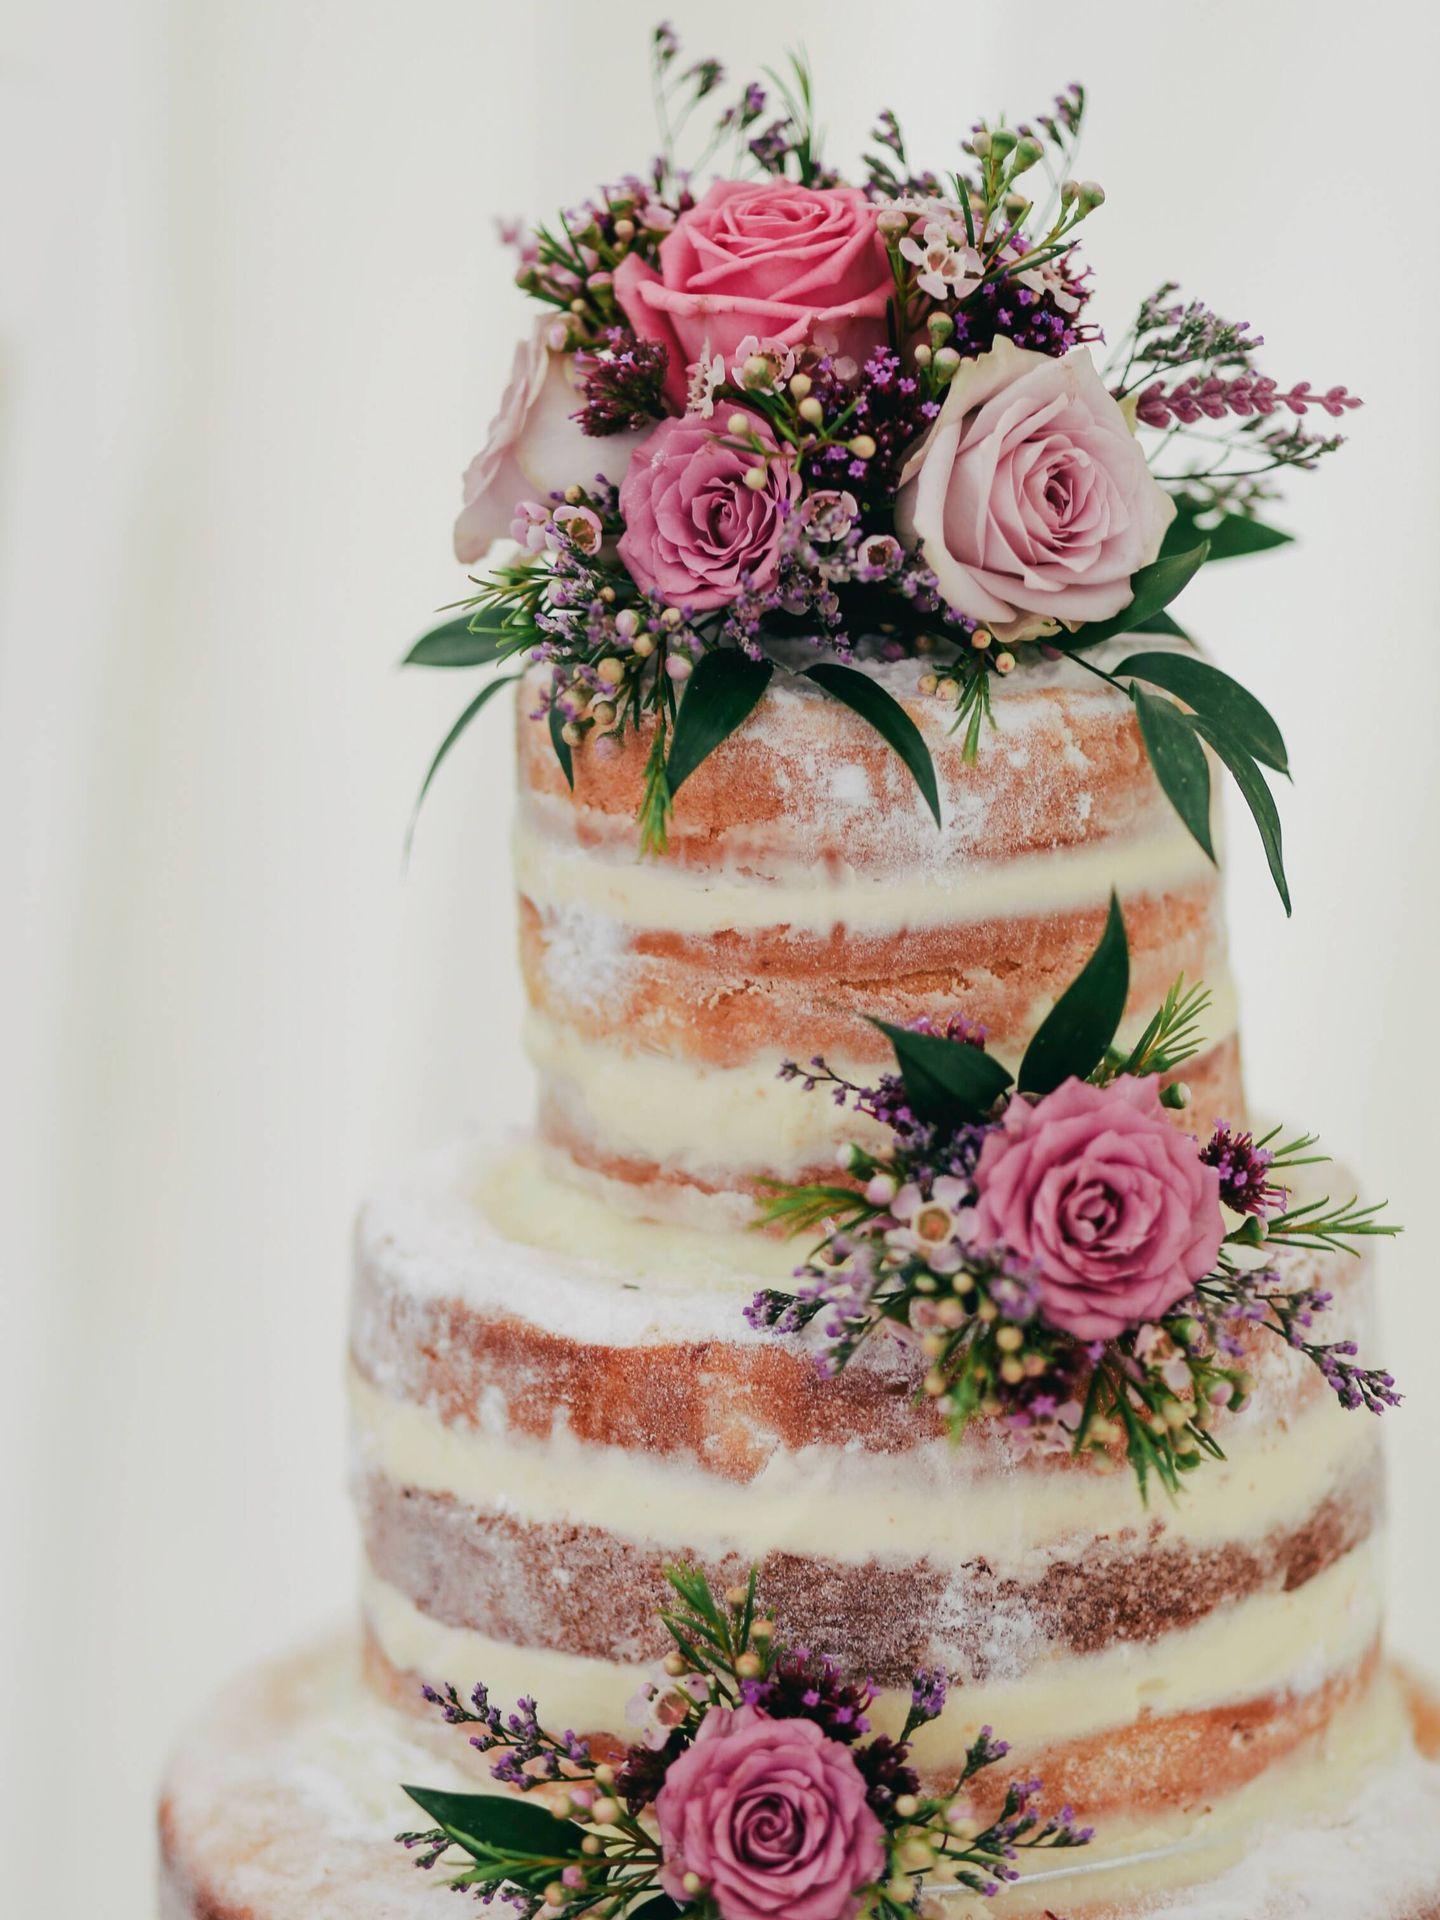 Tendencias en tartas de boda para 2022. ( Photos by Lanty para Unsplash)